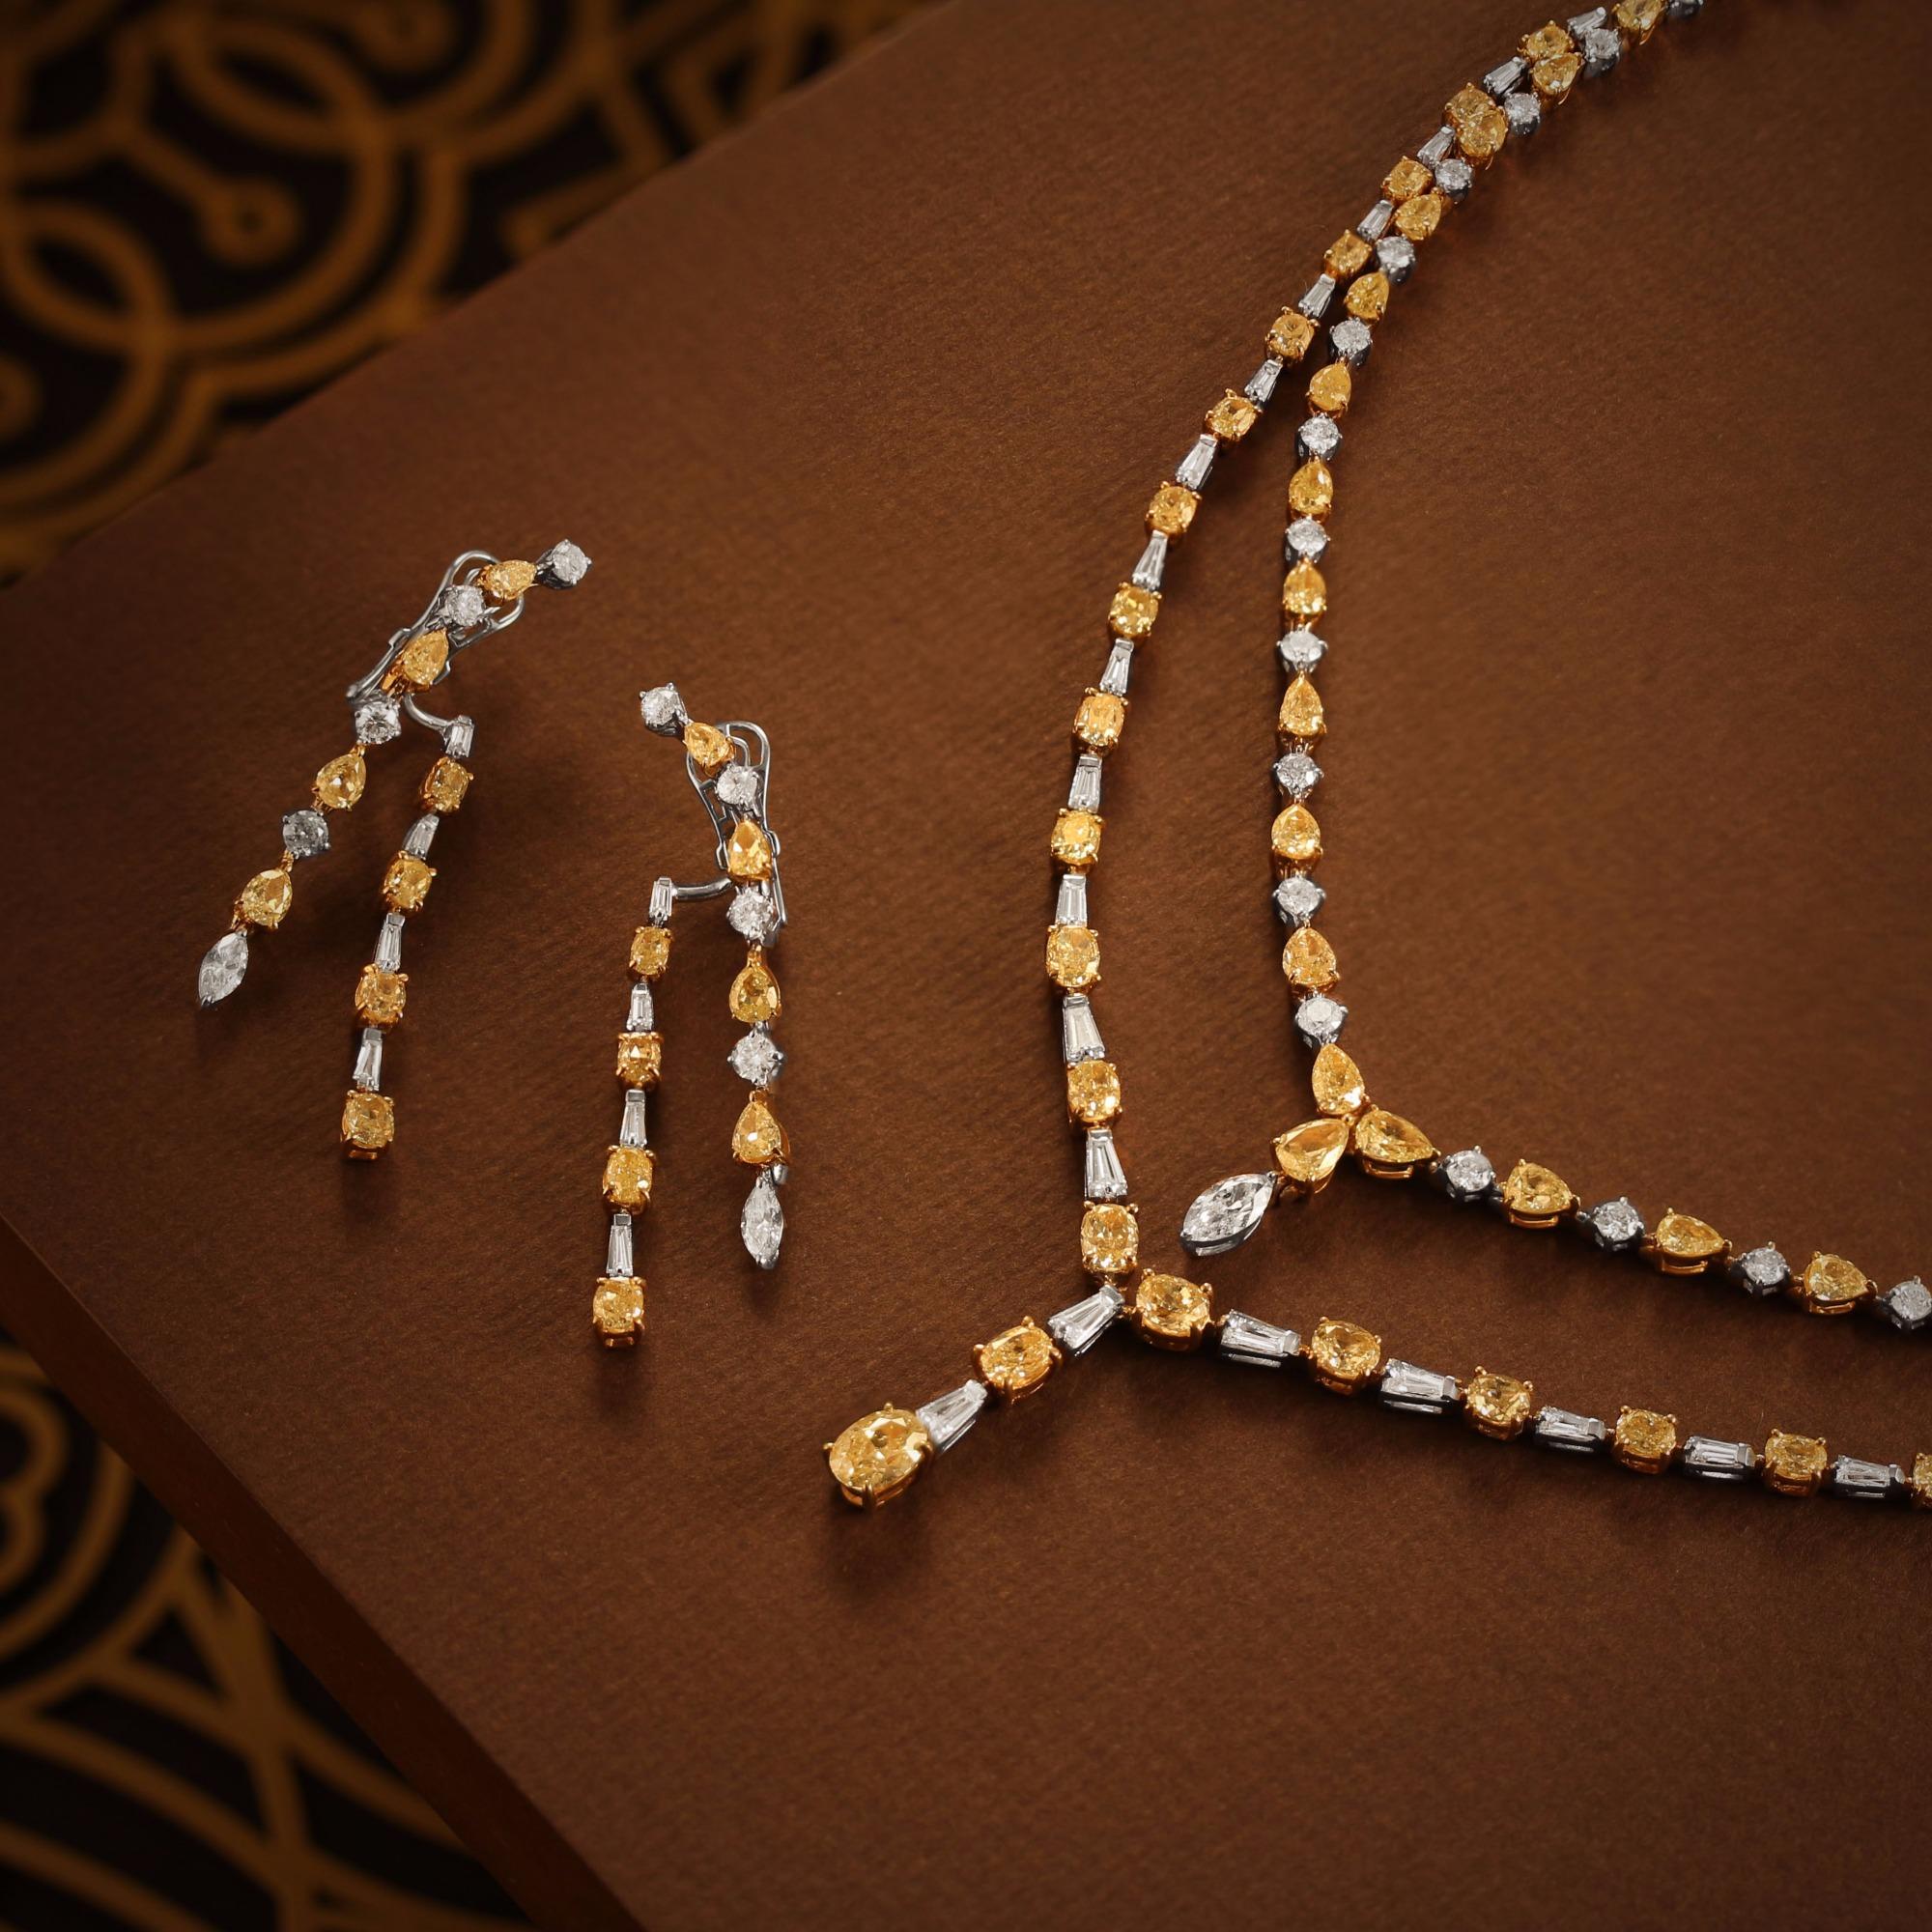 الماس أصفر وابيض اللون كمثري الشكل  في طقم من الذهب الابيض ضمن المجموعة الجديدة